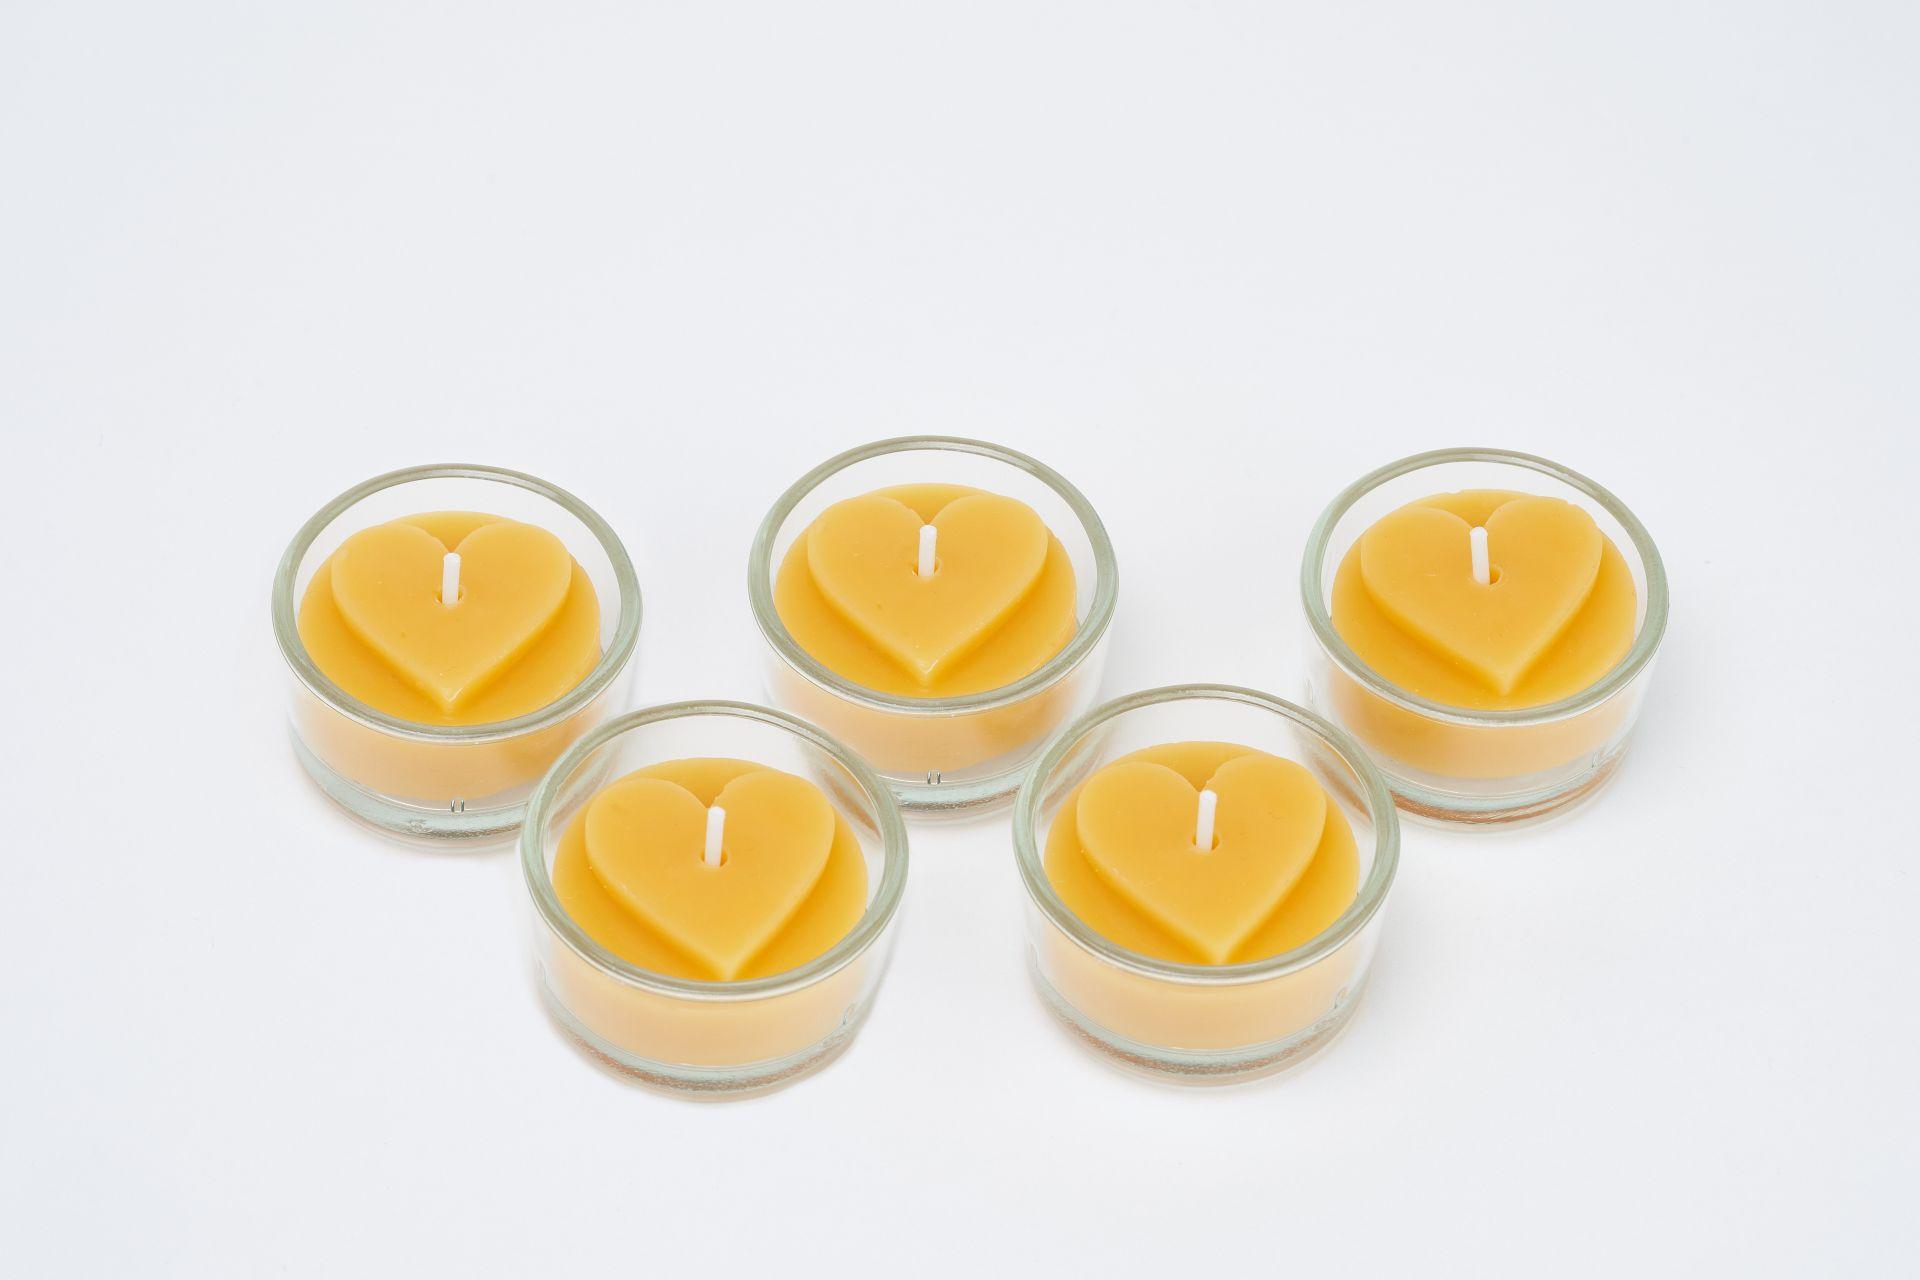 Teelichtset Herz flach 5 Stk inkl. 5 Glasbehälter